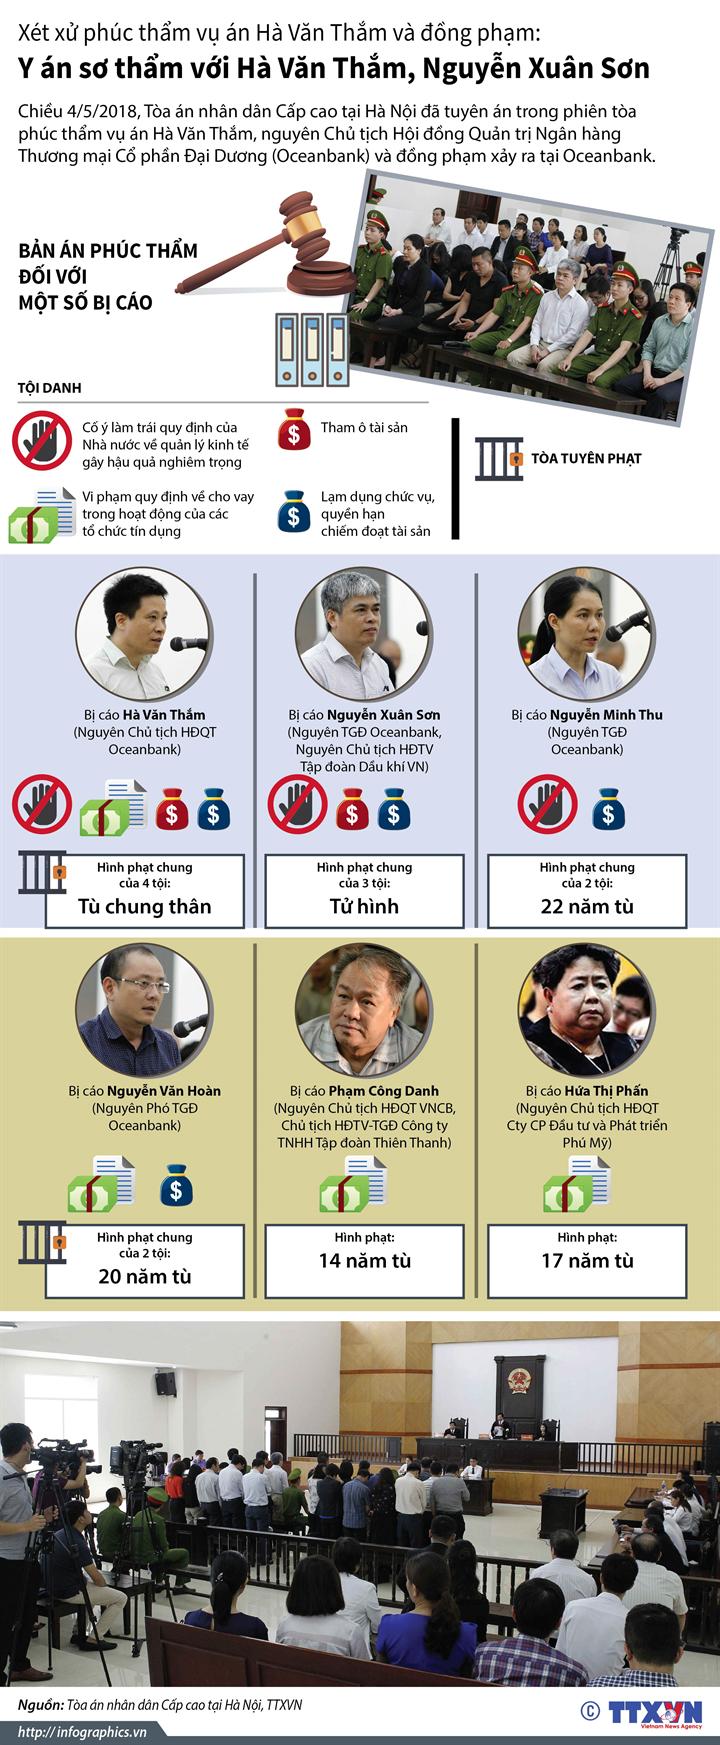 Xét xử phúc thẩm vụ án Hà Văn Thắm và đồng phạm: Y án sơ thẩm  với Hà Văn Thắm, Nguyễn Xuân Sơn